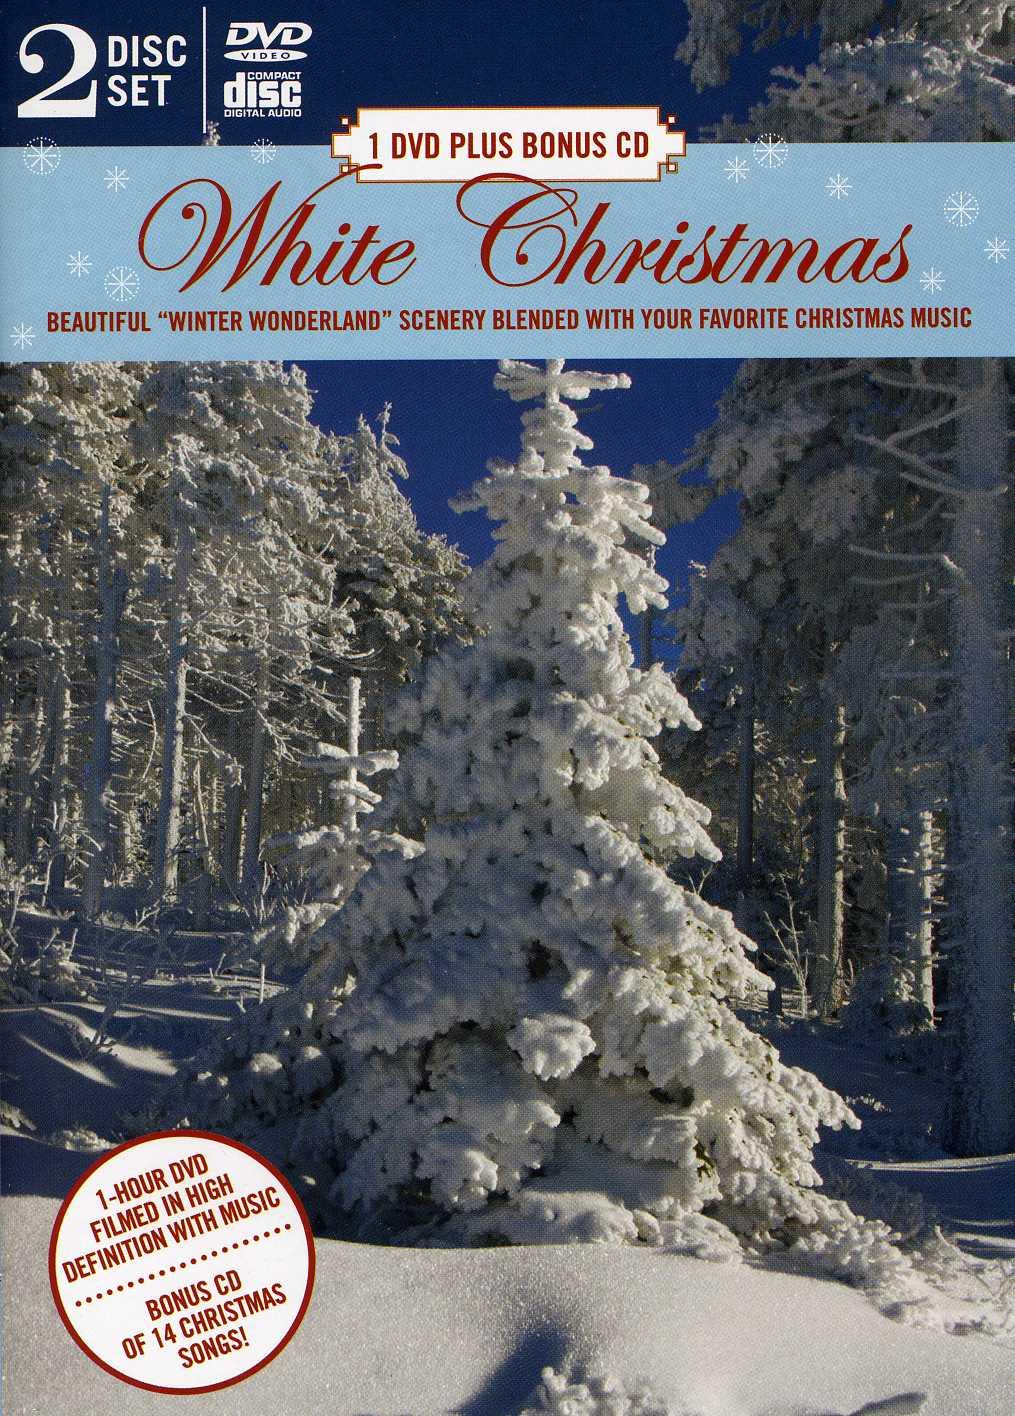 WHITE CHRISTMAS - White Christmas